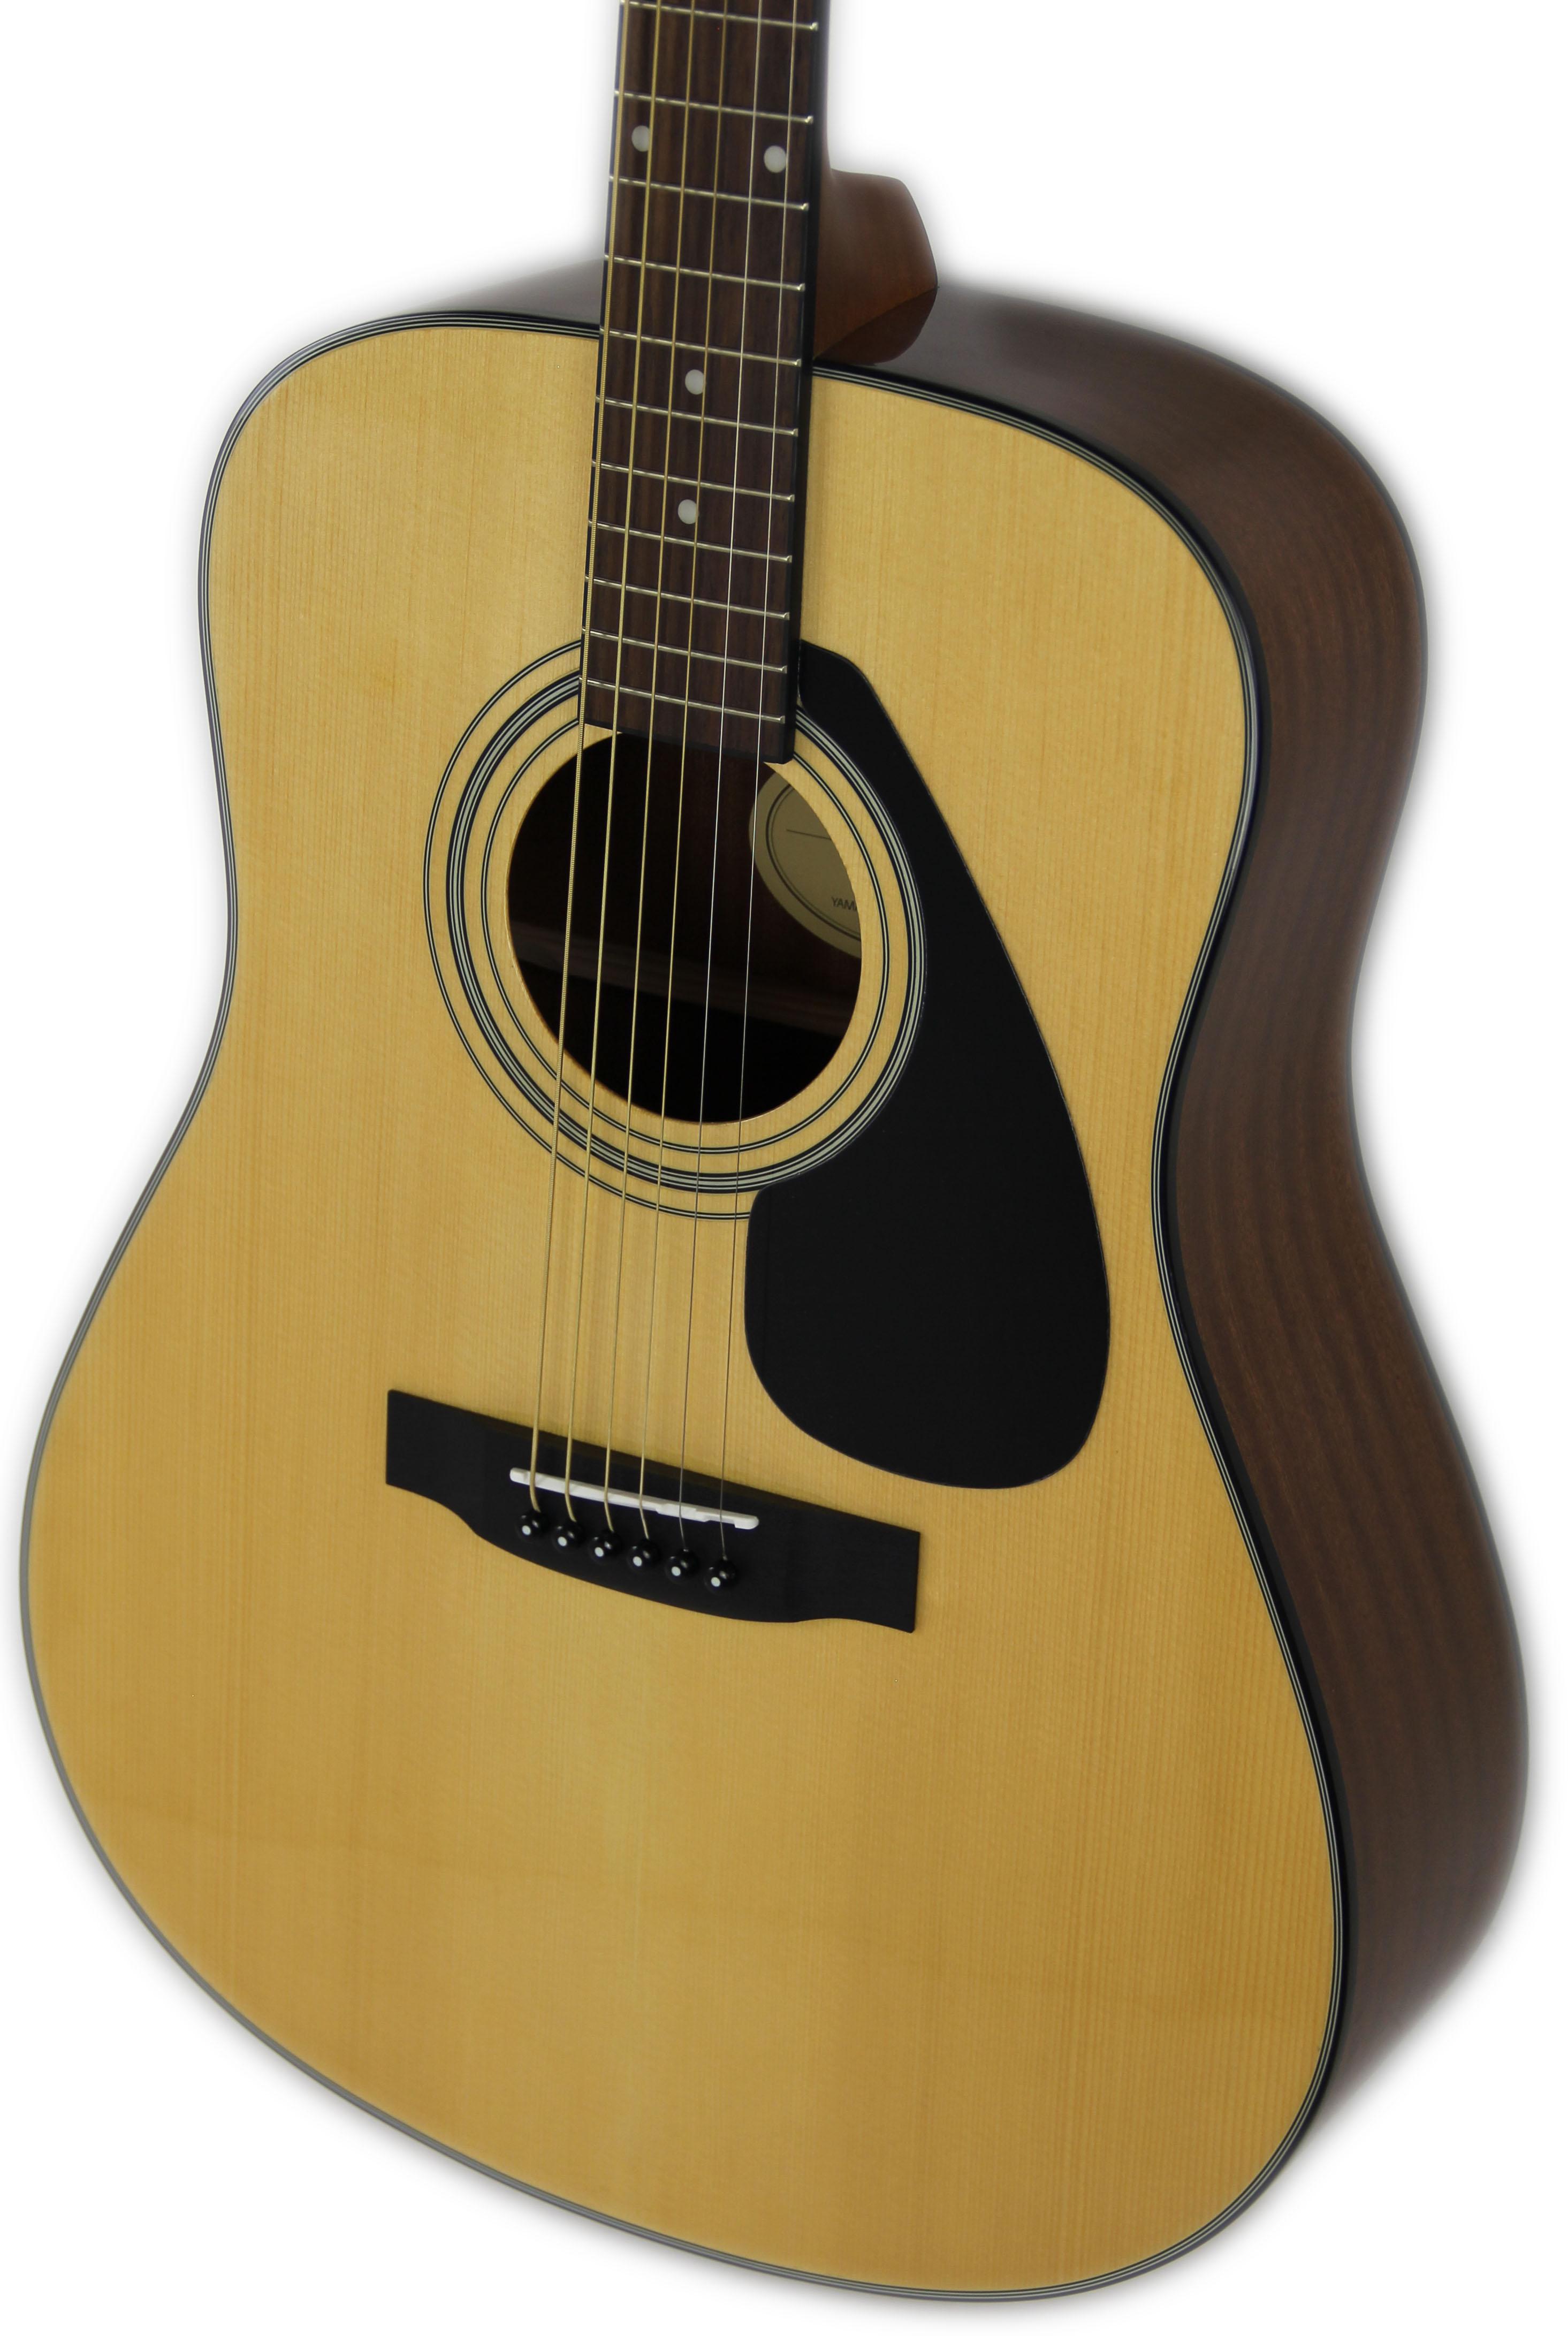 yamaha f325d dreadnought acoustic guitar natural w gig bag. Black Bedroom Furniture Sets. Home Design Ideas